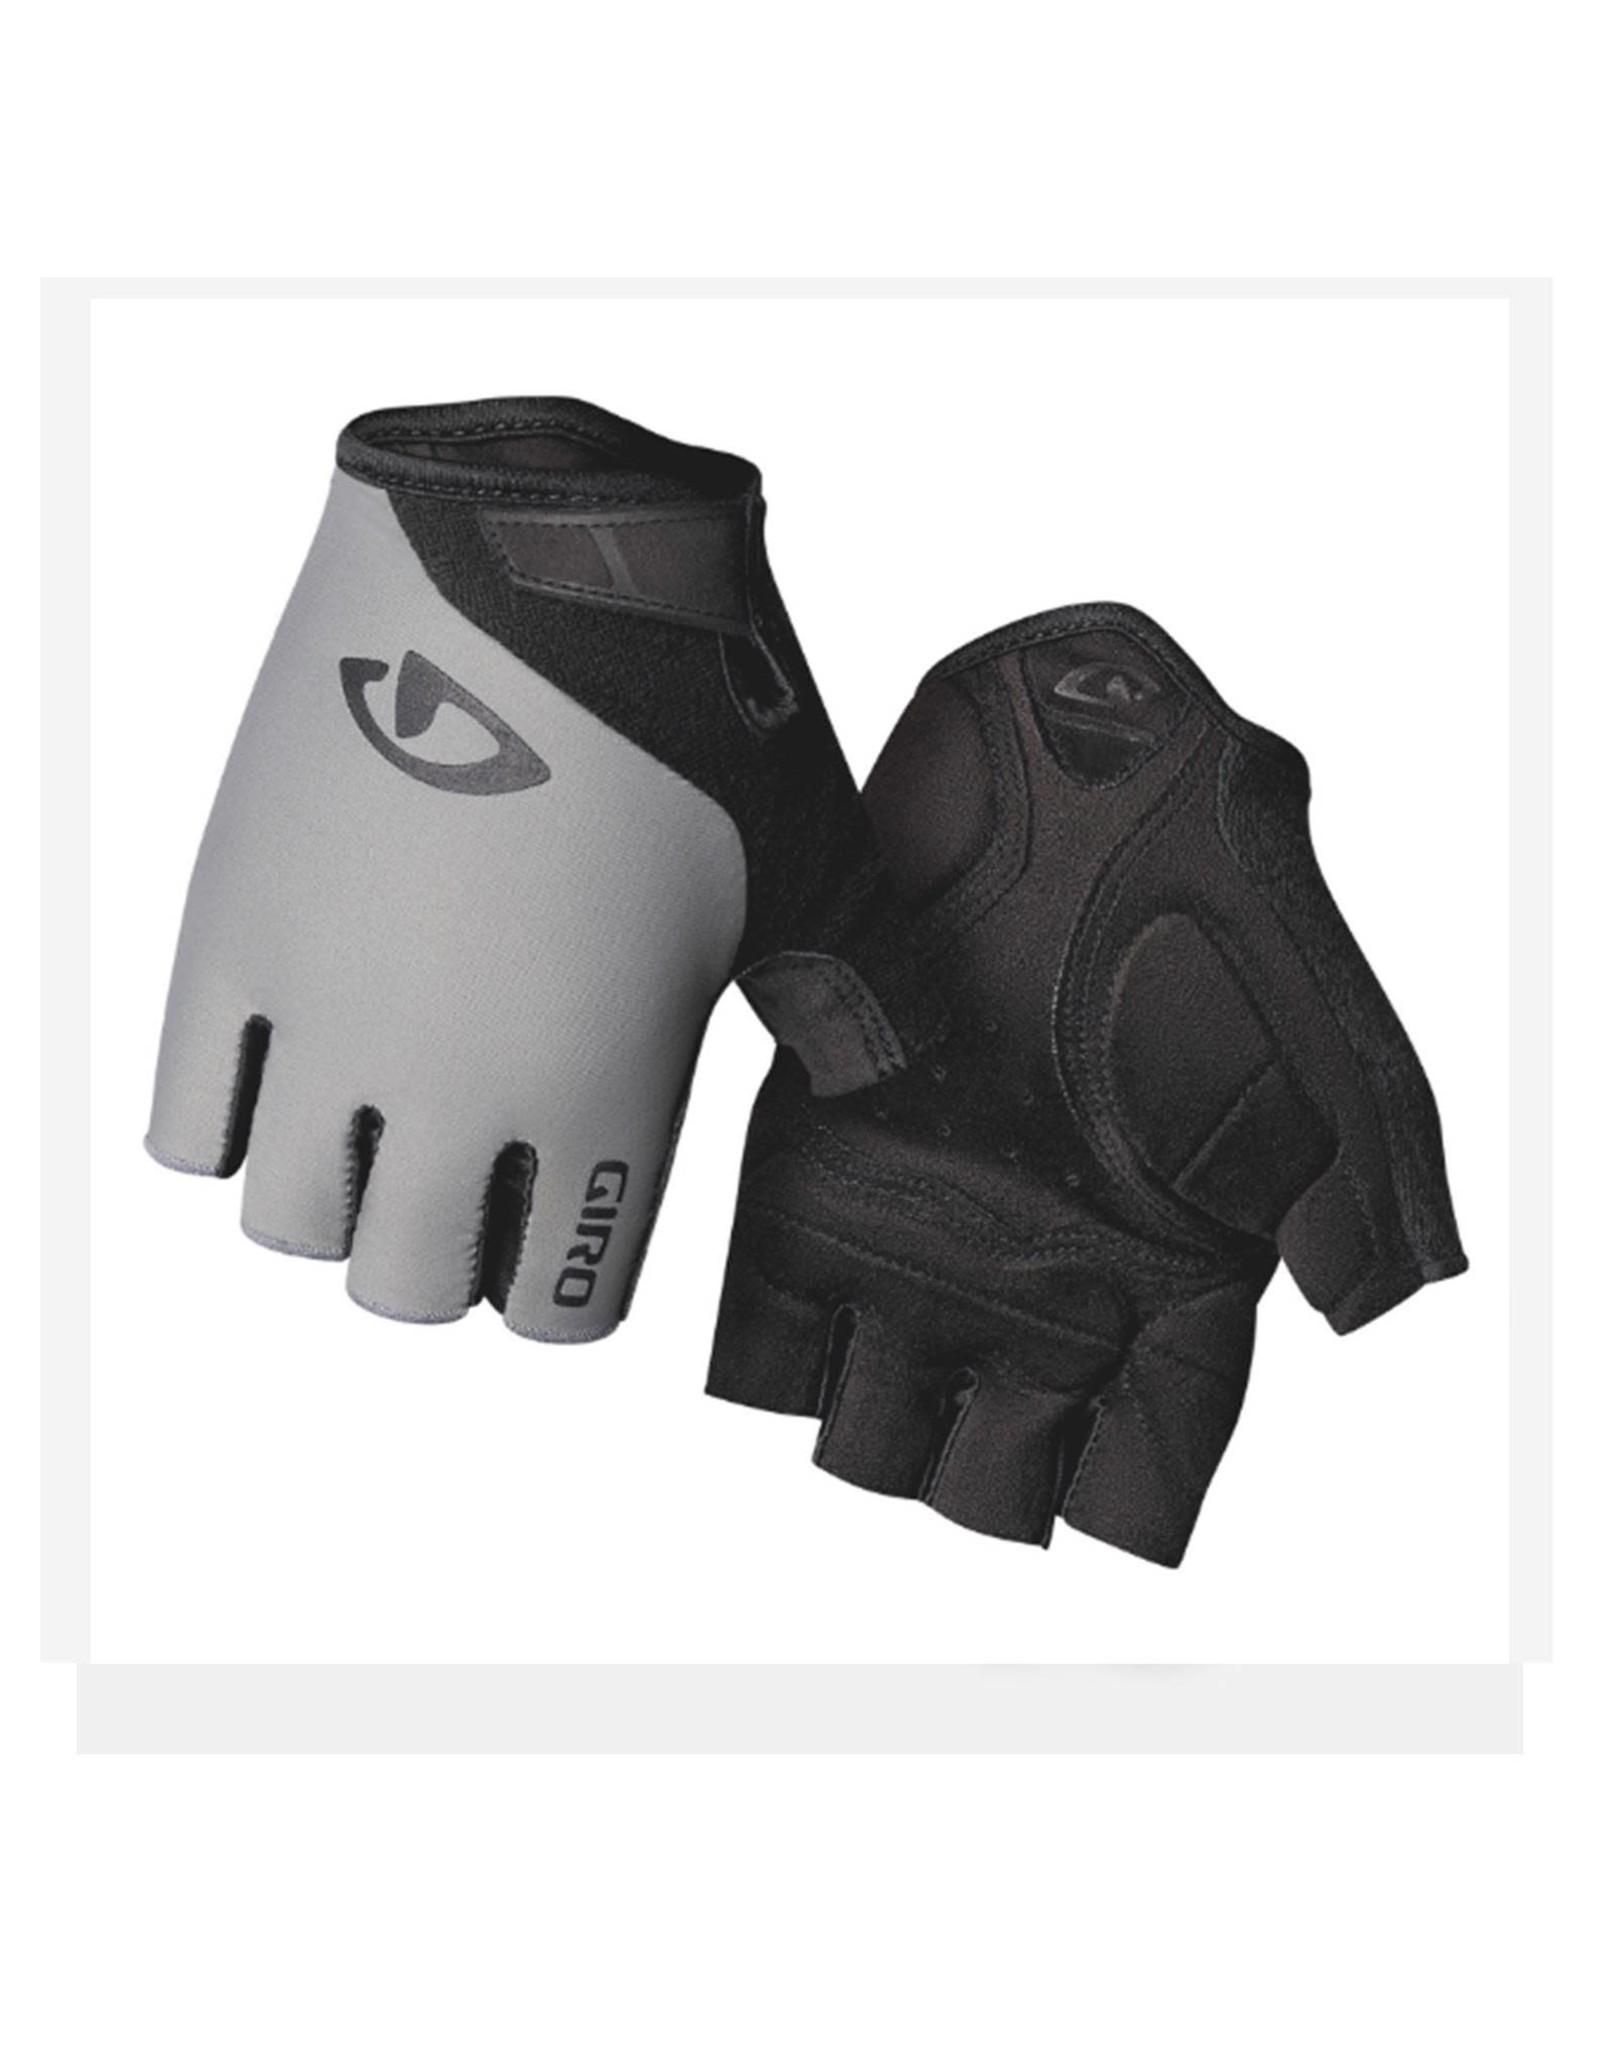 Giro Jag Short Finger Glove